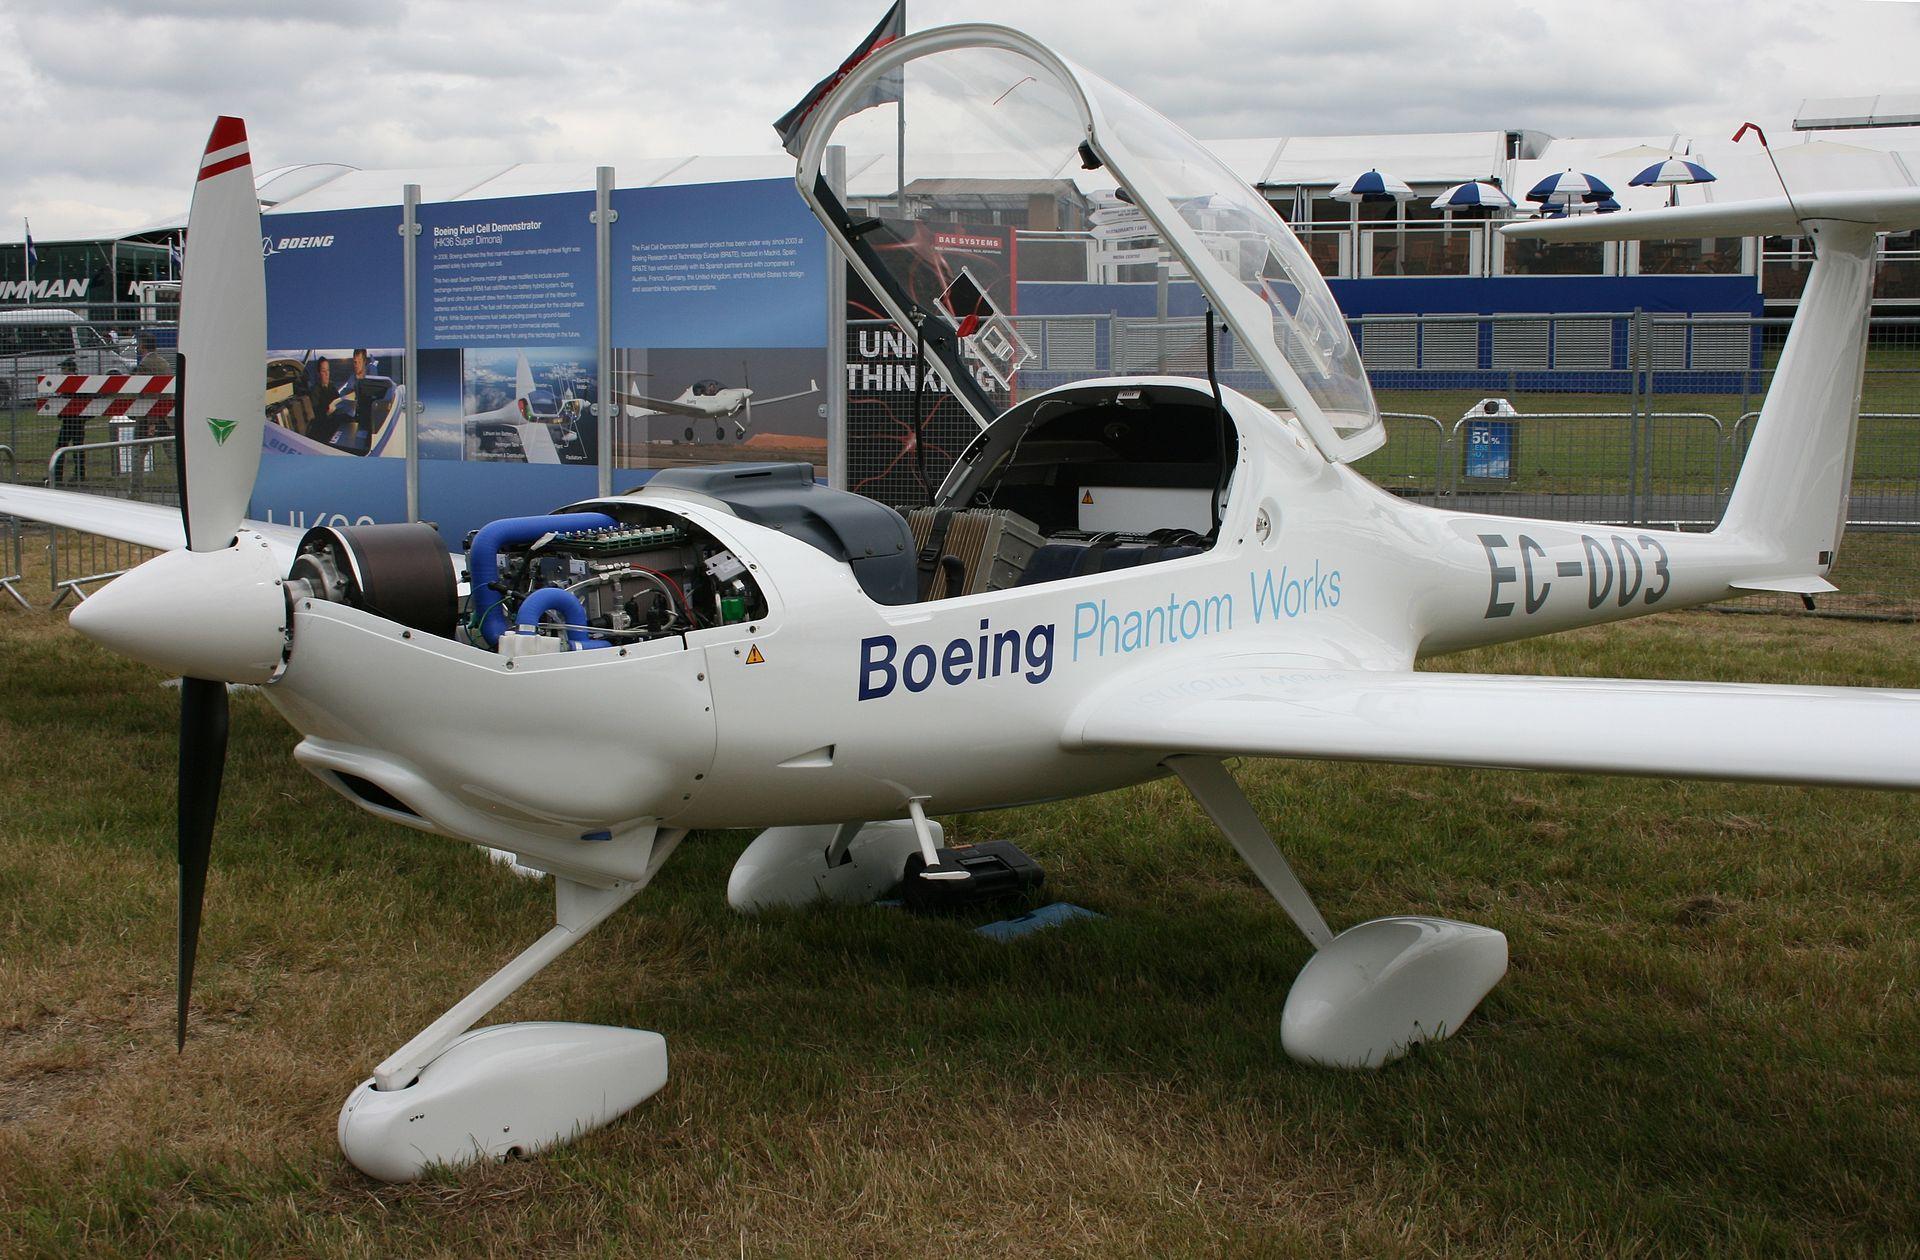 Prototyp für Wasserstoffflugzeug von Boeing